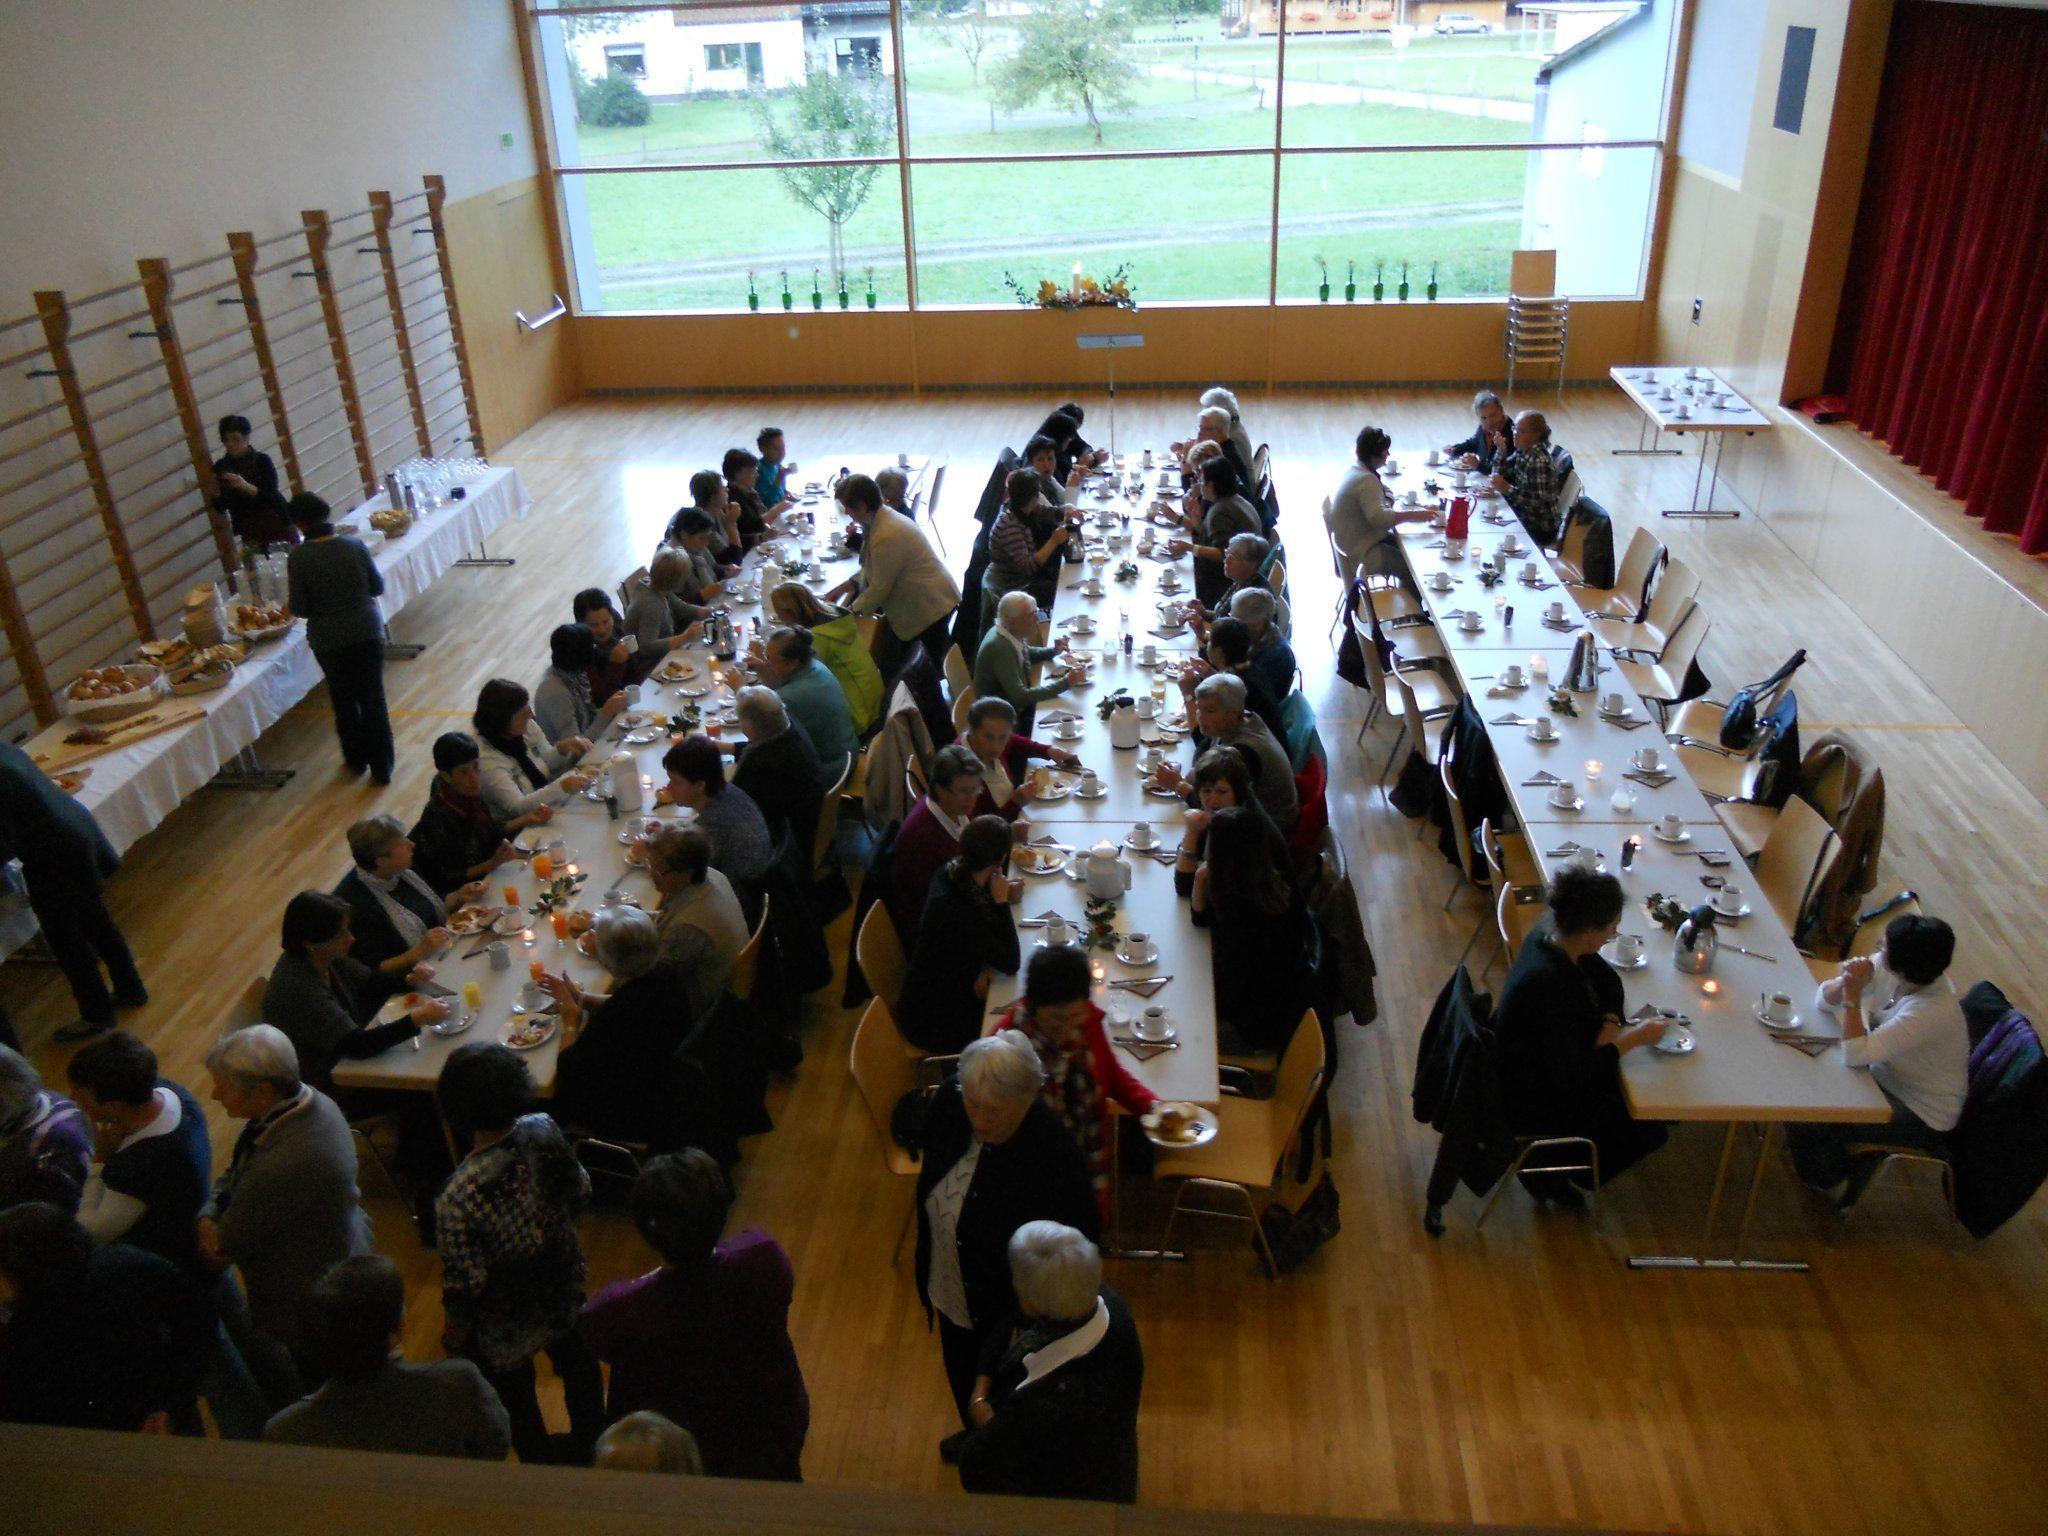 Frauenfrühstück im lichtdurchfluteten Gemeindesaal von Schnepfau